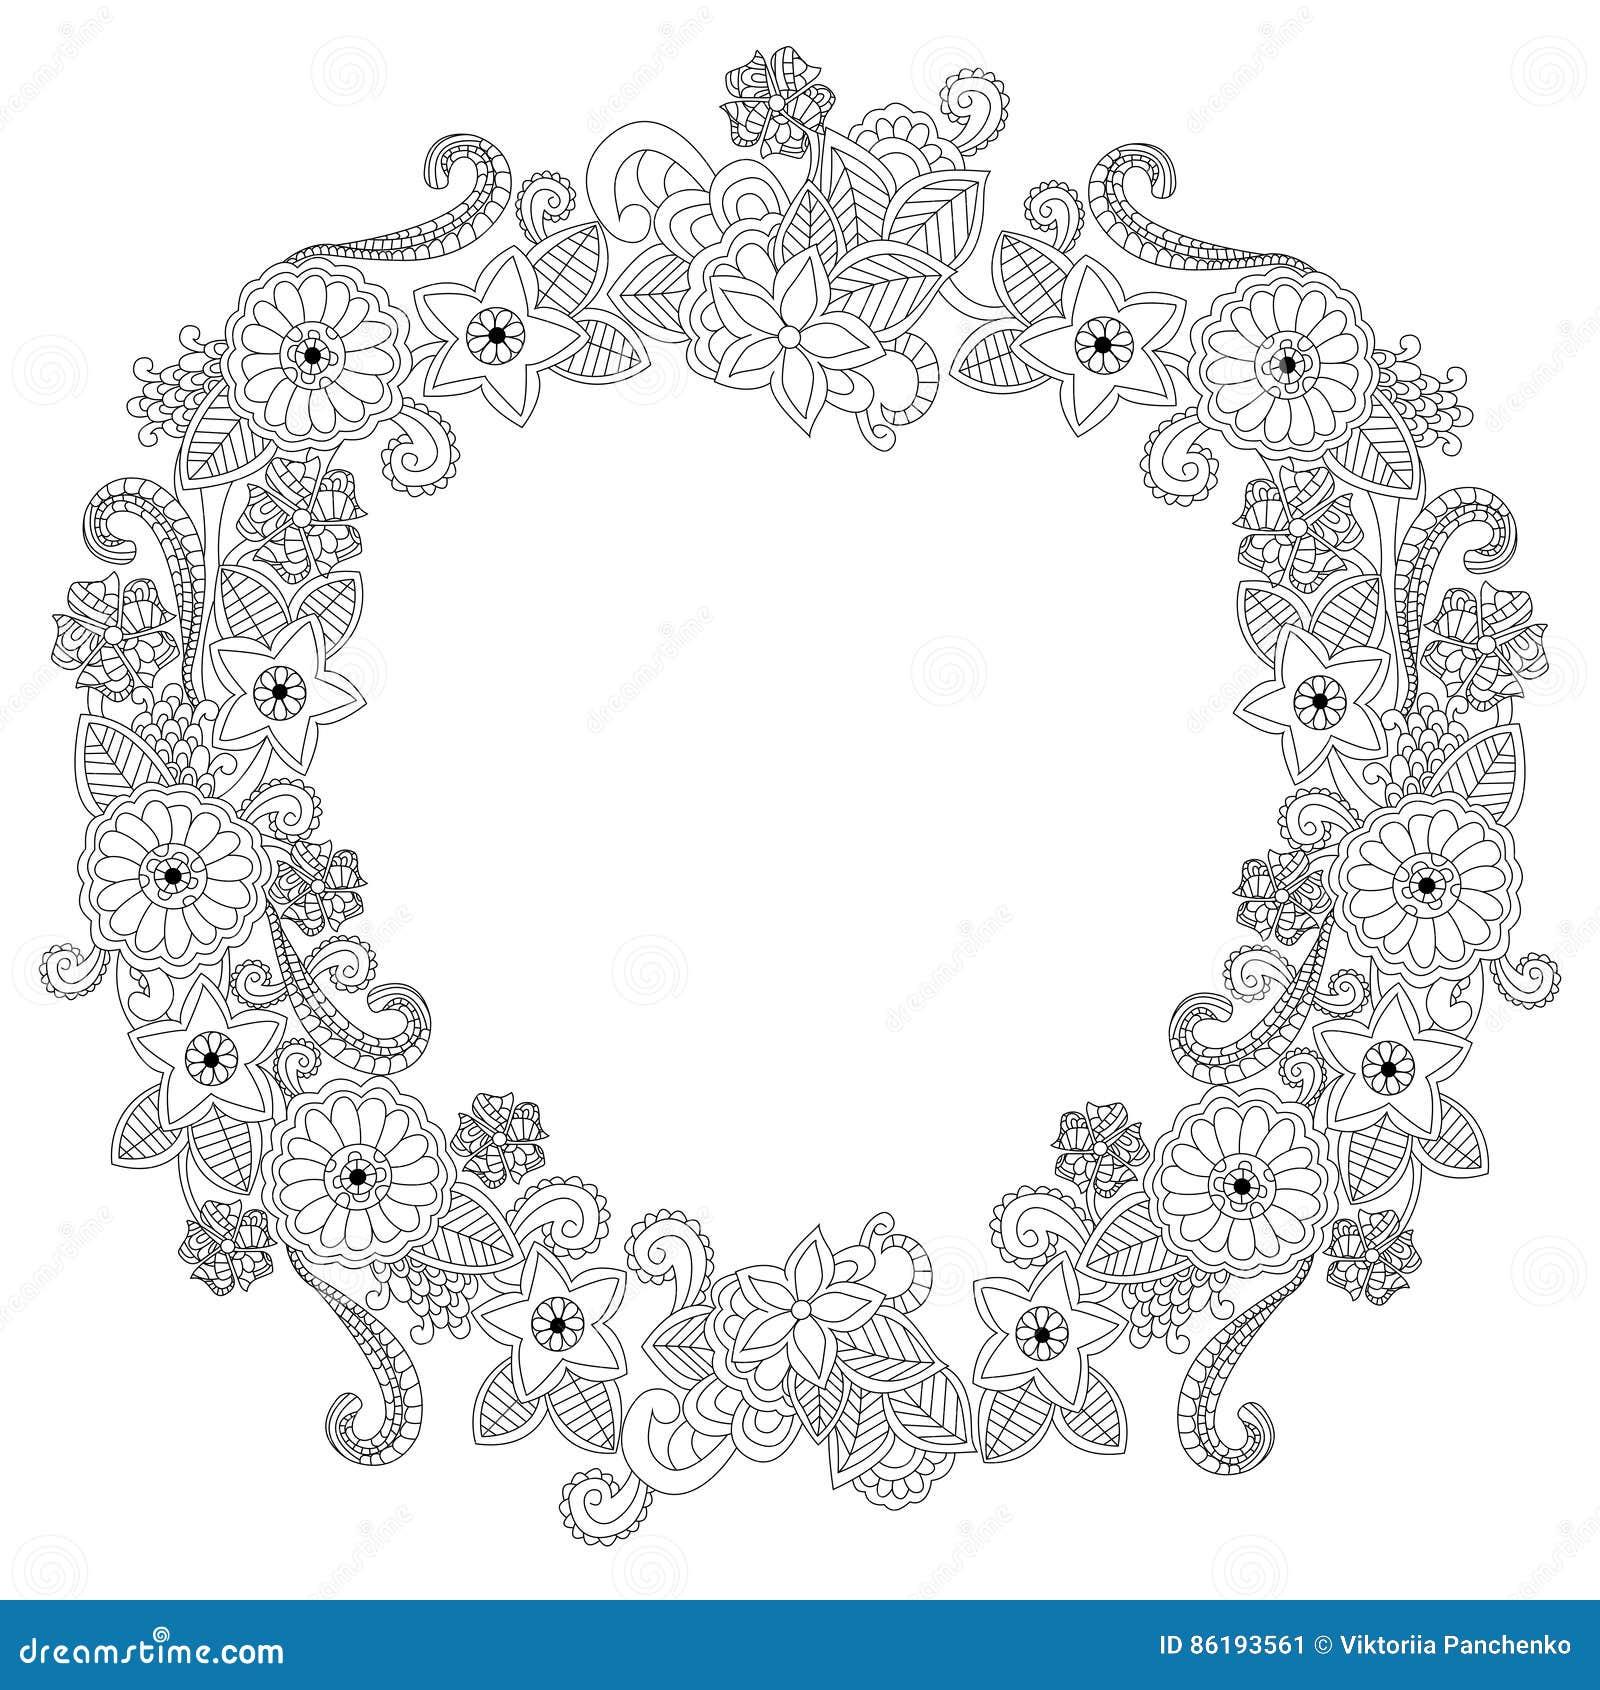 Coloriage Cadre Fleur.Illustration Ovale De Vecteur De Livre De Coloriage De Cadre De